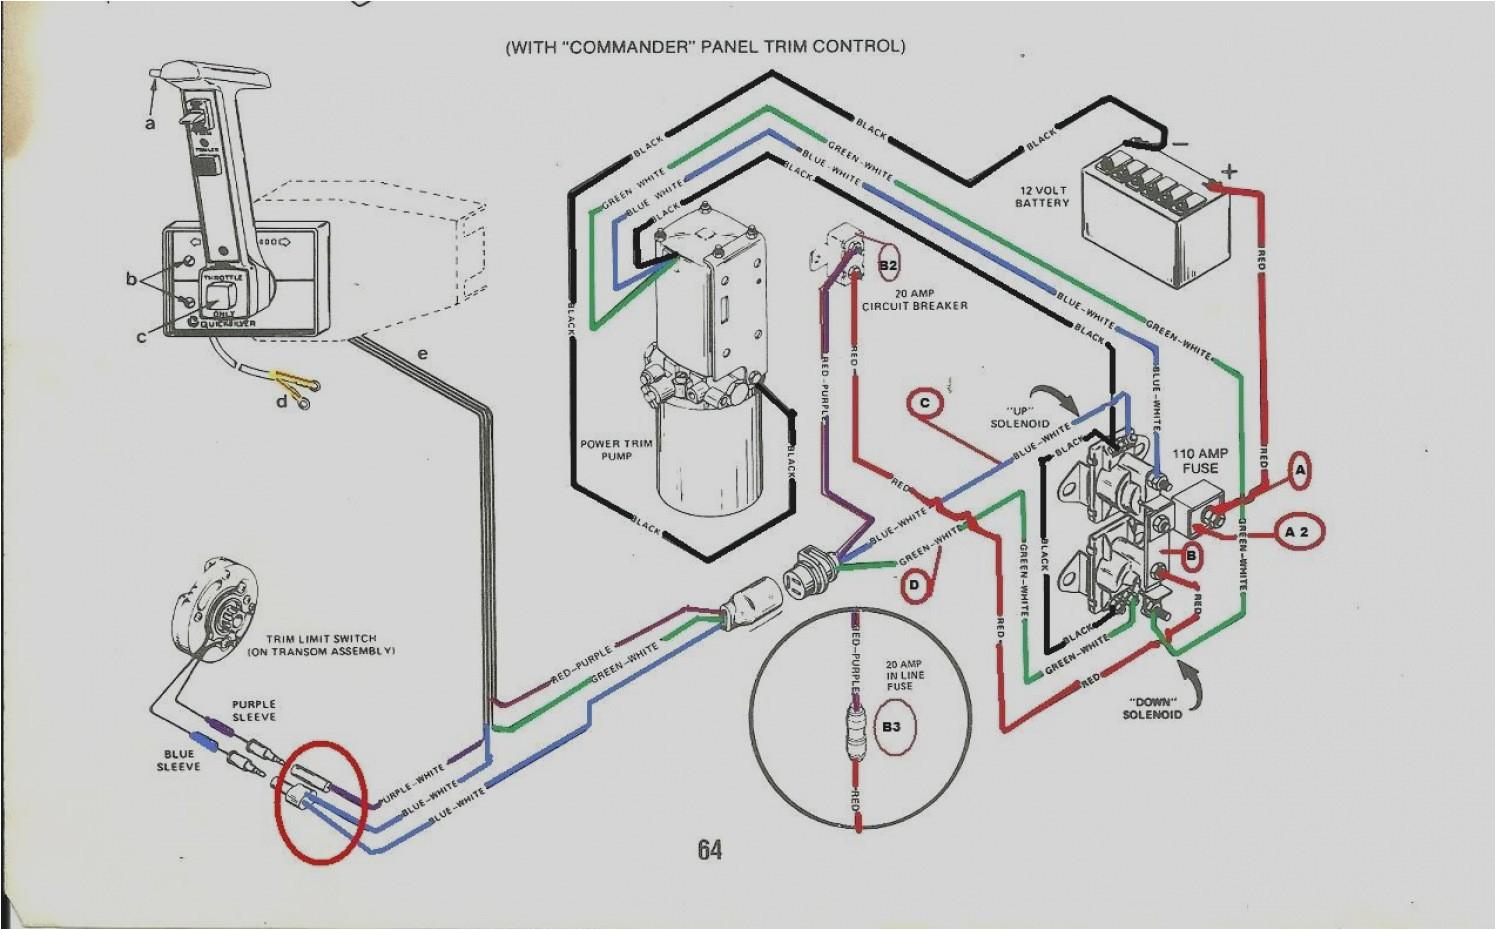 36 volt ezgo wiring wiring diagram operations 89 golf cart 36 volt ezgo wiring diagram